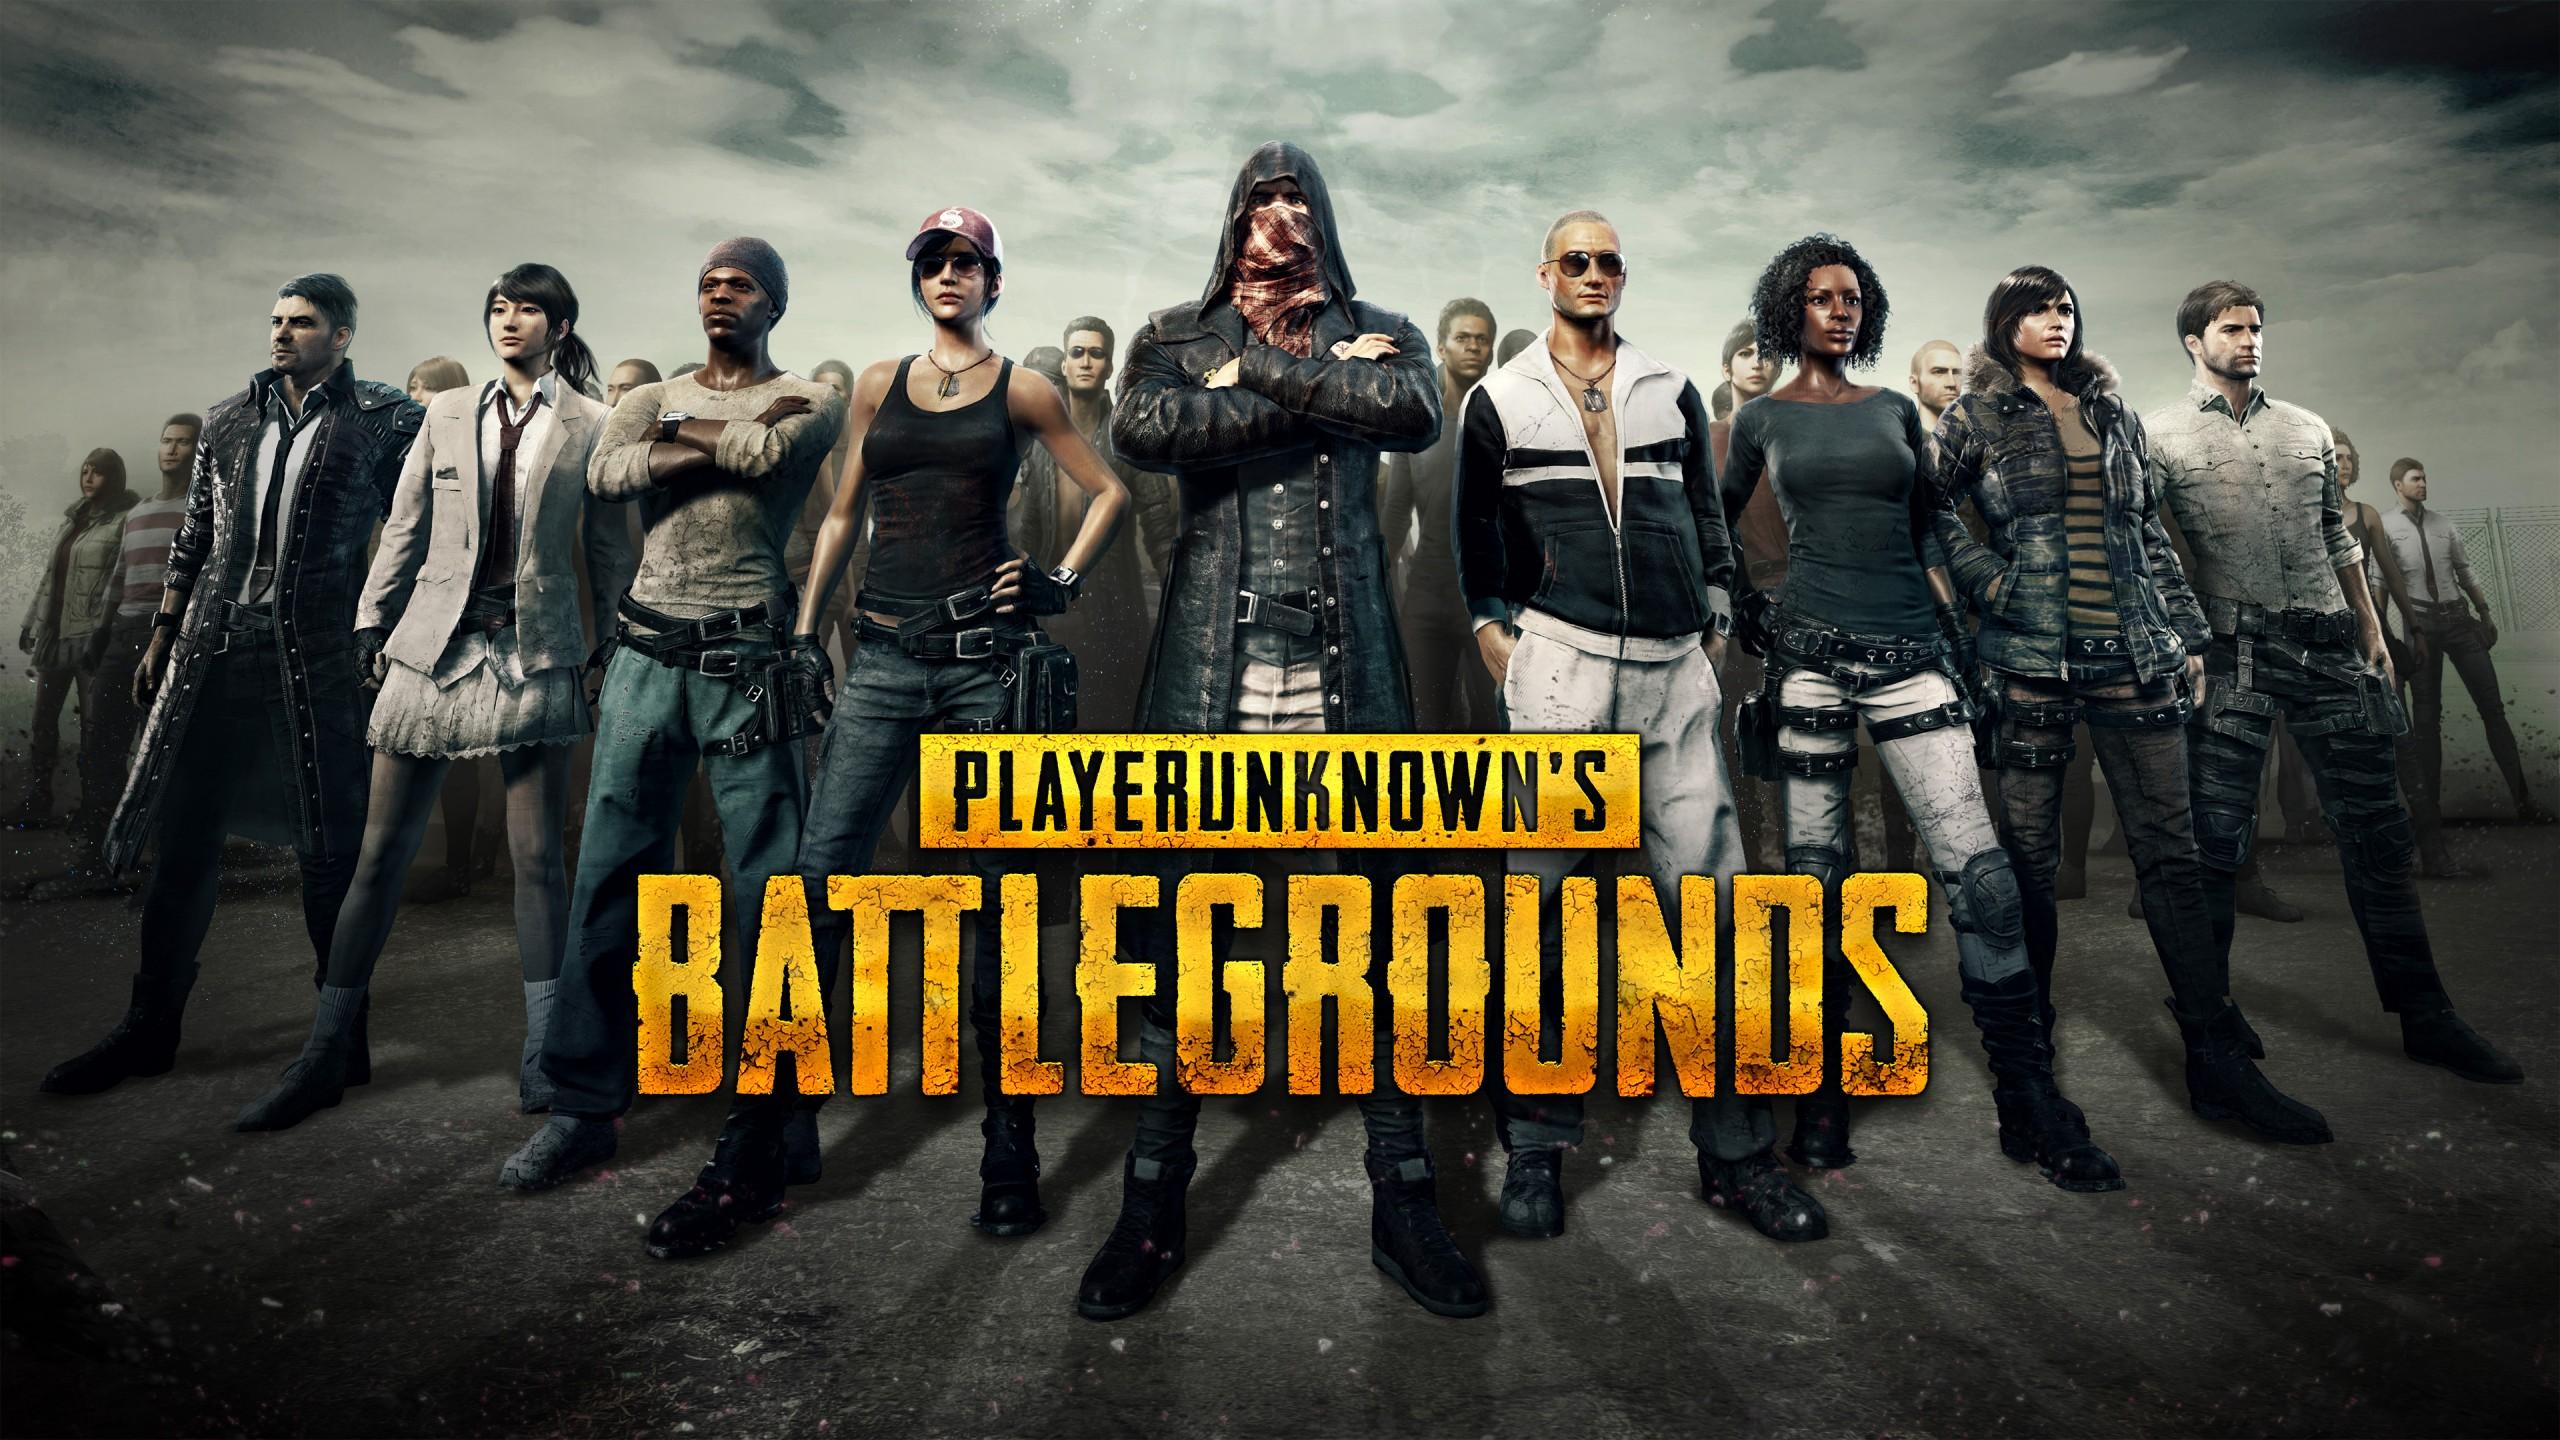 PlayerUnknowns Battlegrounds 4K Wallpapers HD Wallpapers